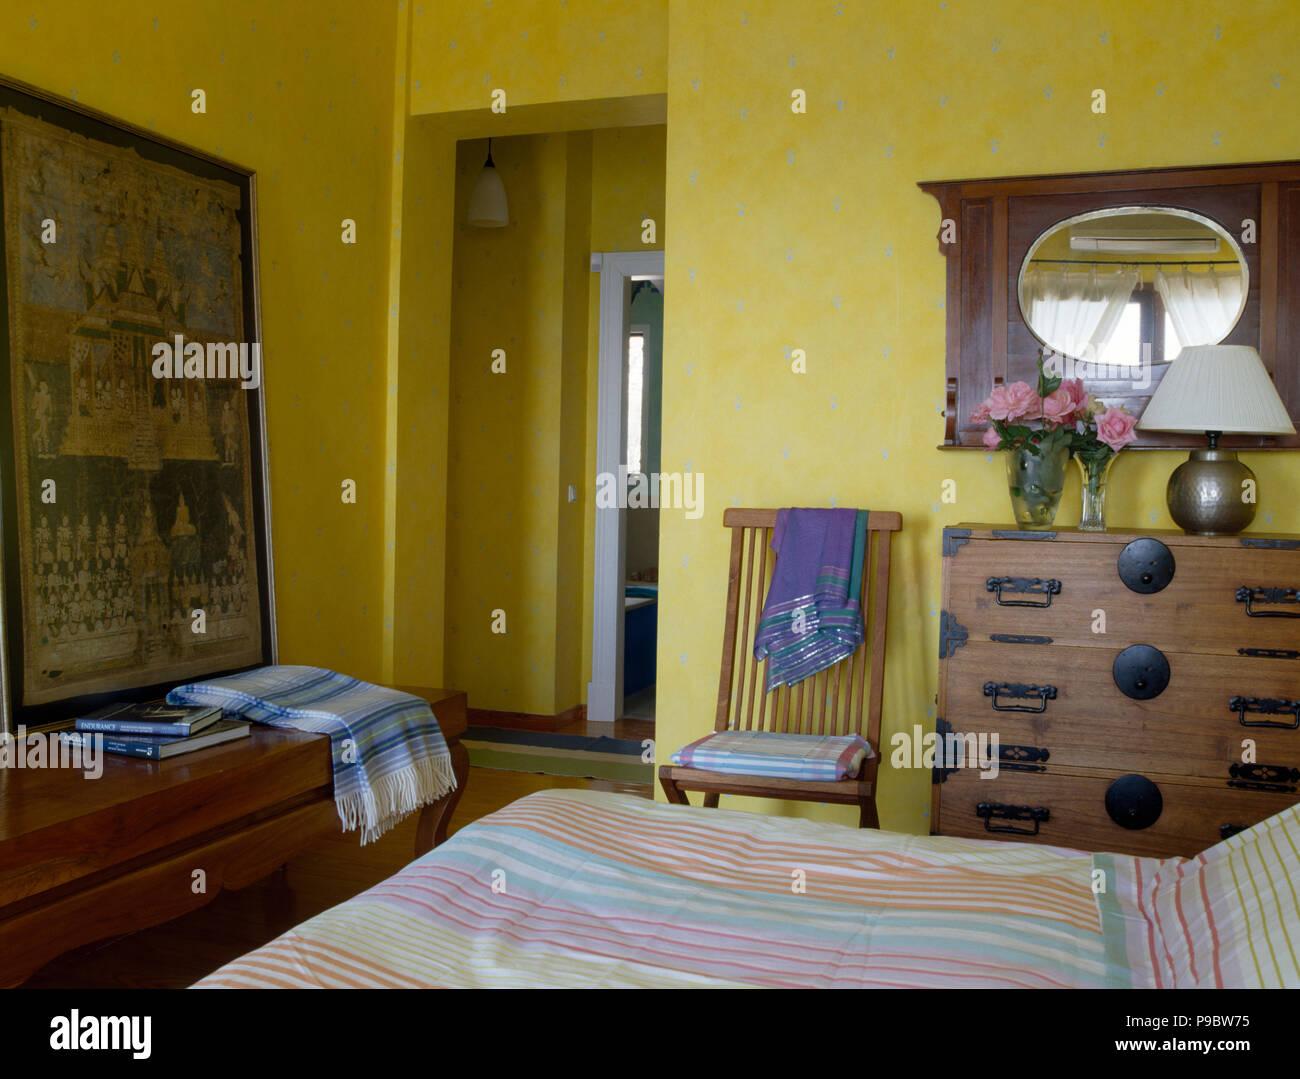 Cassettiera Camera Letto : Vintage specchio sulla parete sopra un oriental cassettiera in un